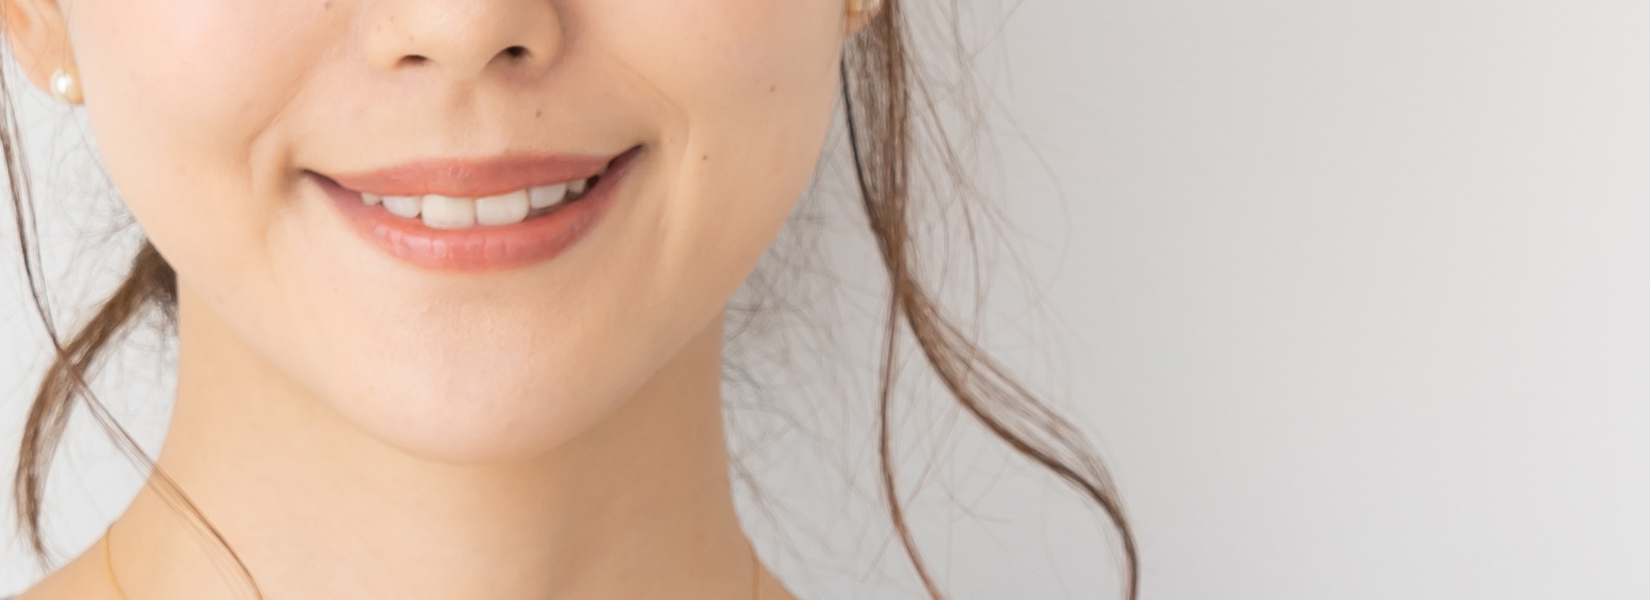 上顎前突で抜歯なしで矯正する方法